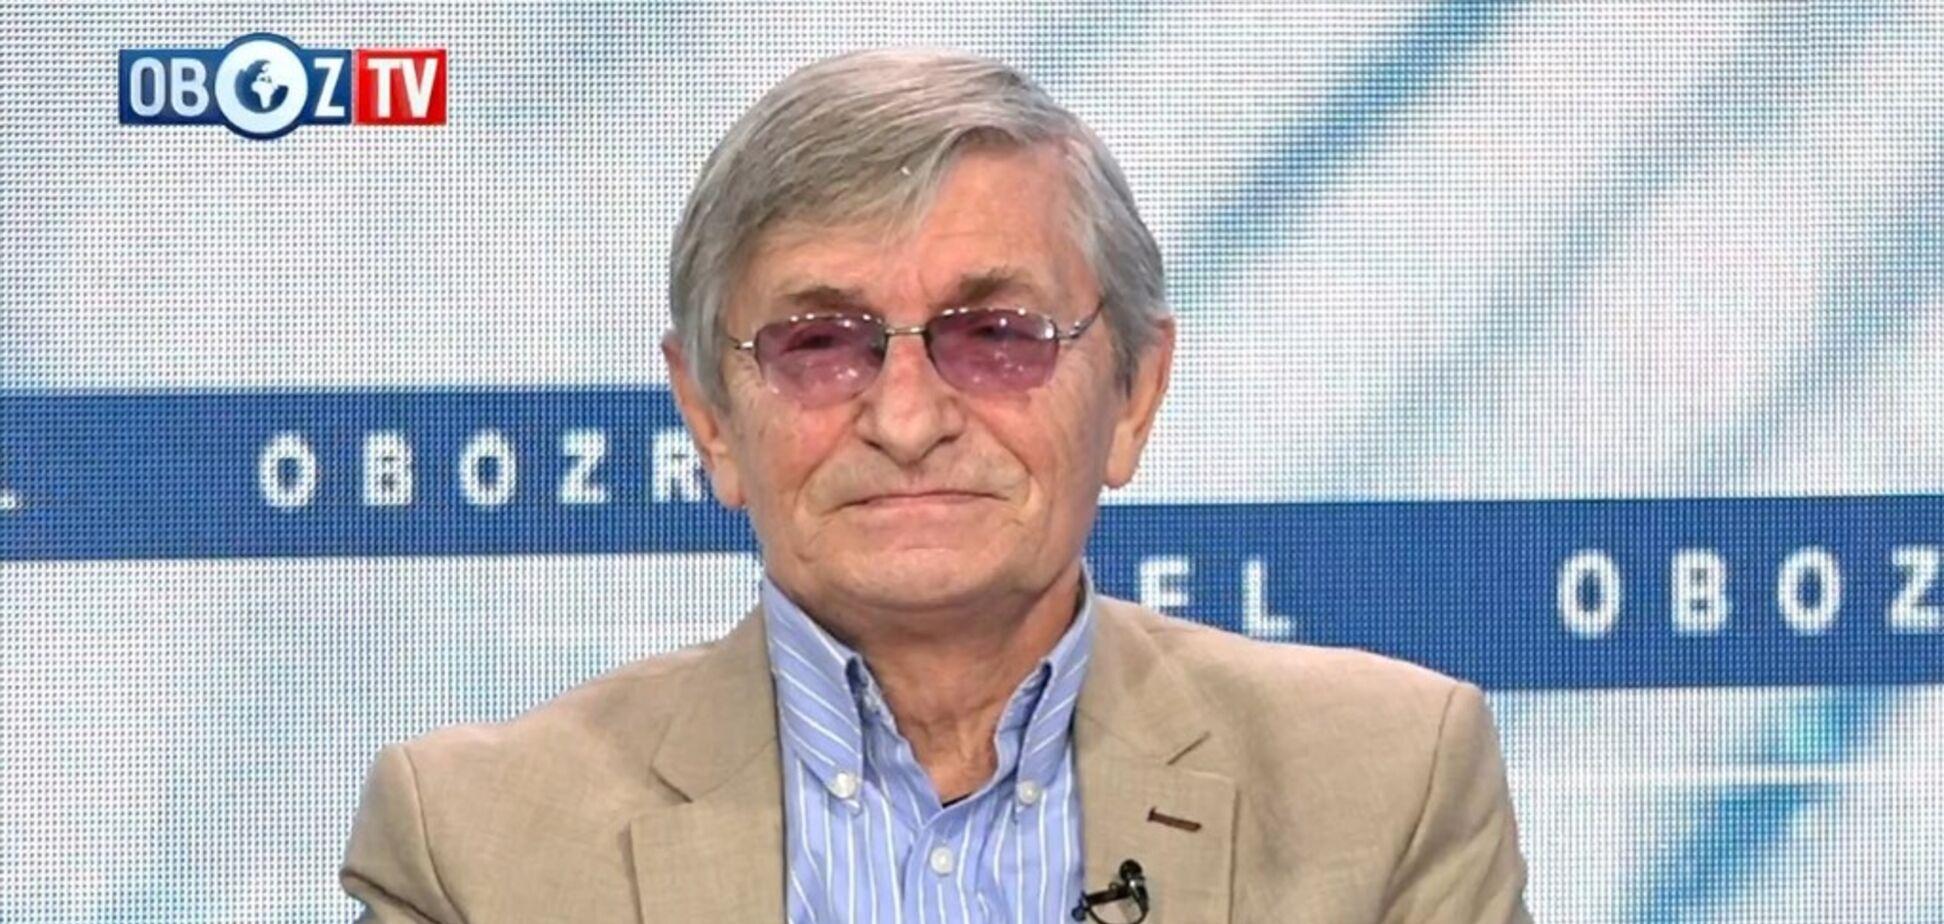 Сенцов матиме вищий рейтинг за Зеленського вже через рік: соціолог